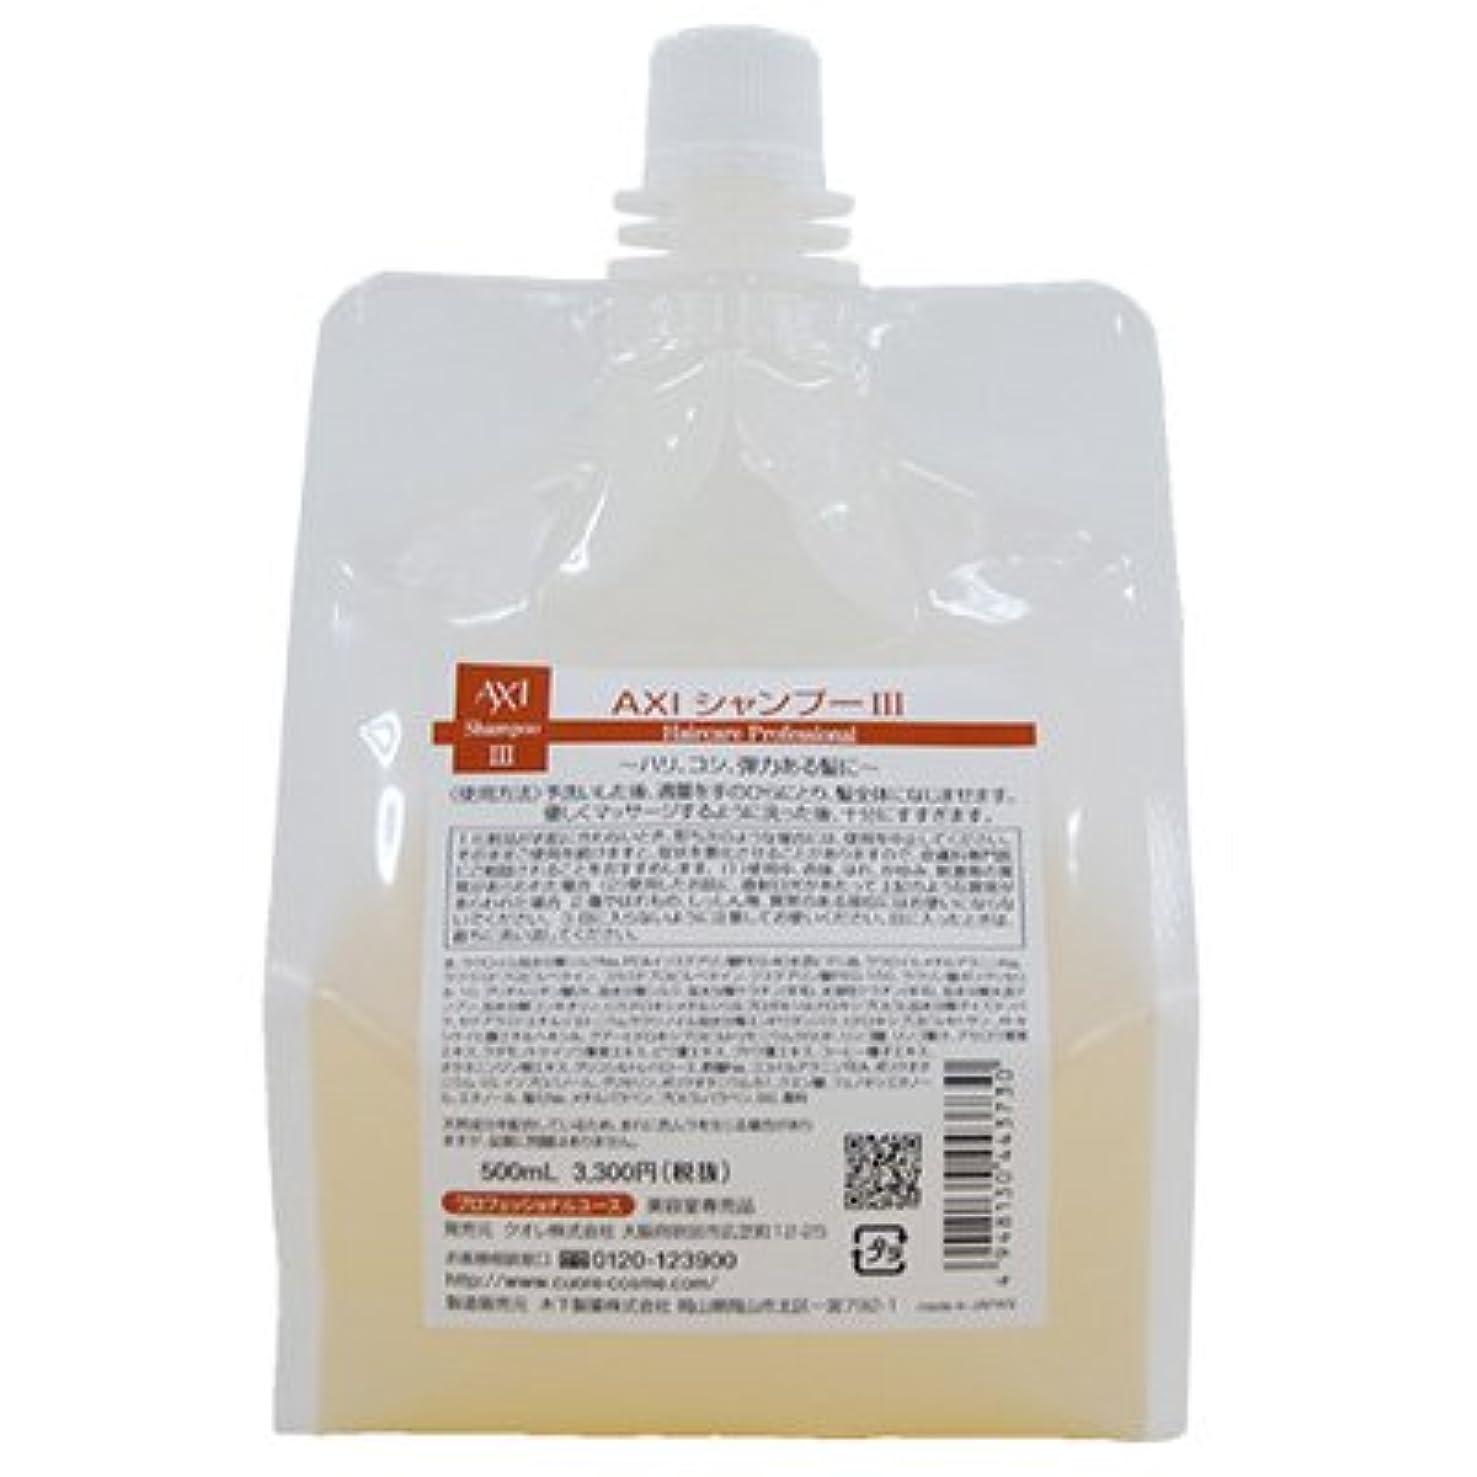 色合いパイ農業クオレ AXI シャンプーIII 500ml詰替え